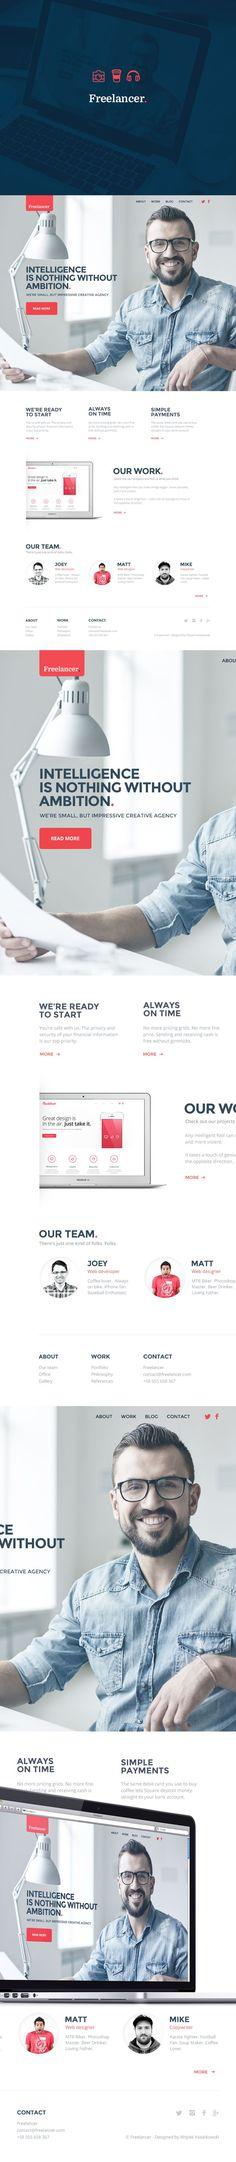 Un disseny web excel·lent per fer una presentació personal #personal #webdesign…